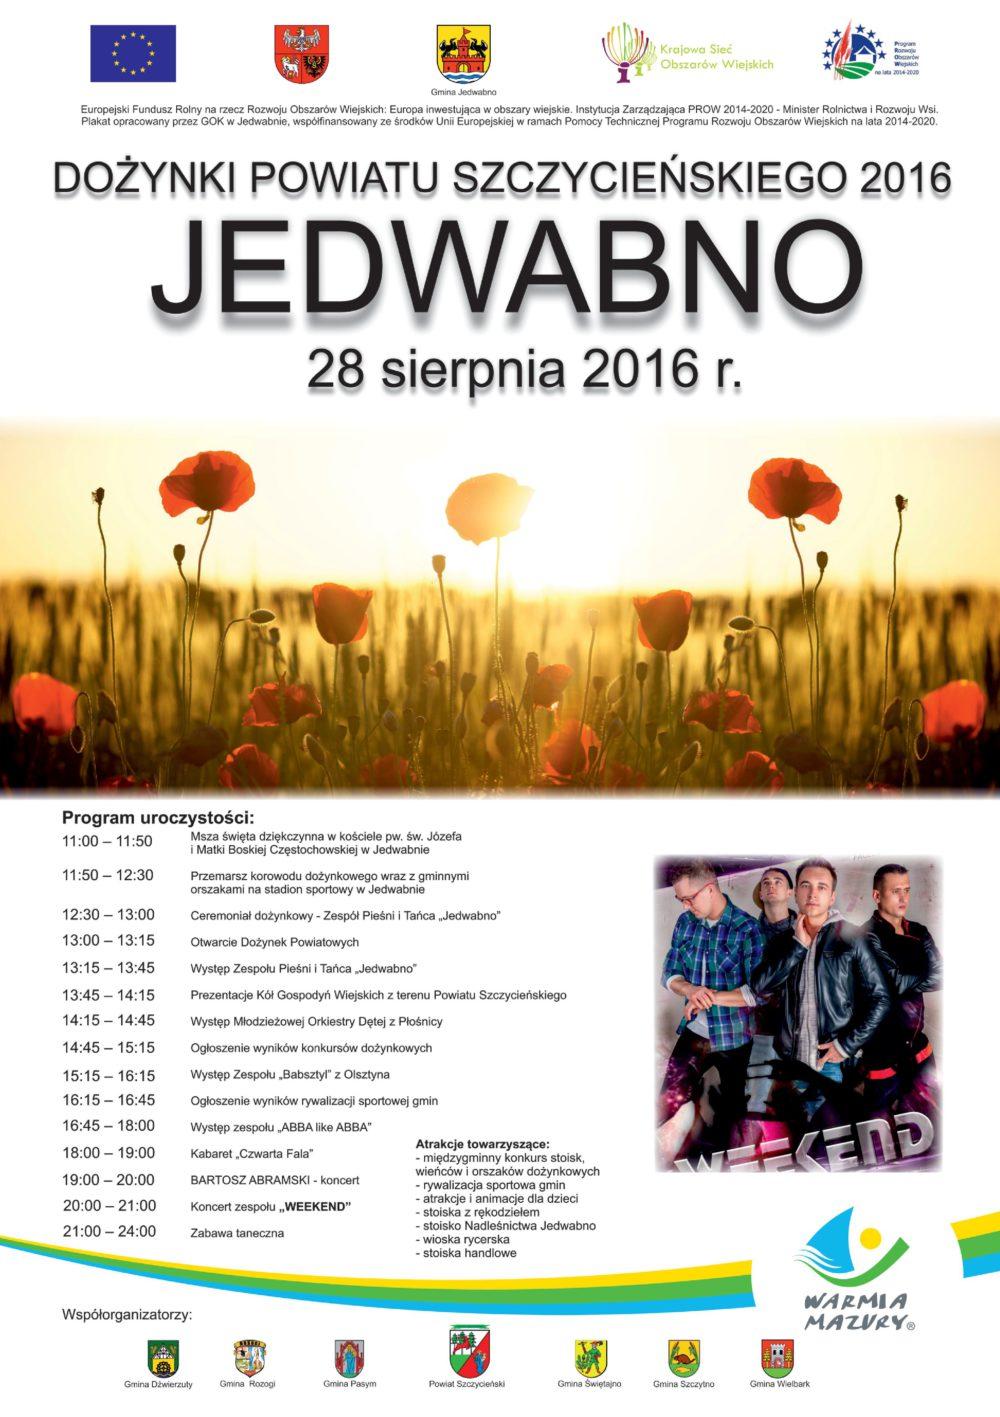 jedwabno-dozynki-plakat-B2-page-001